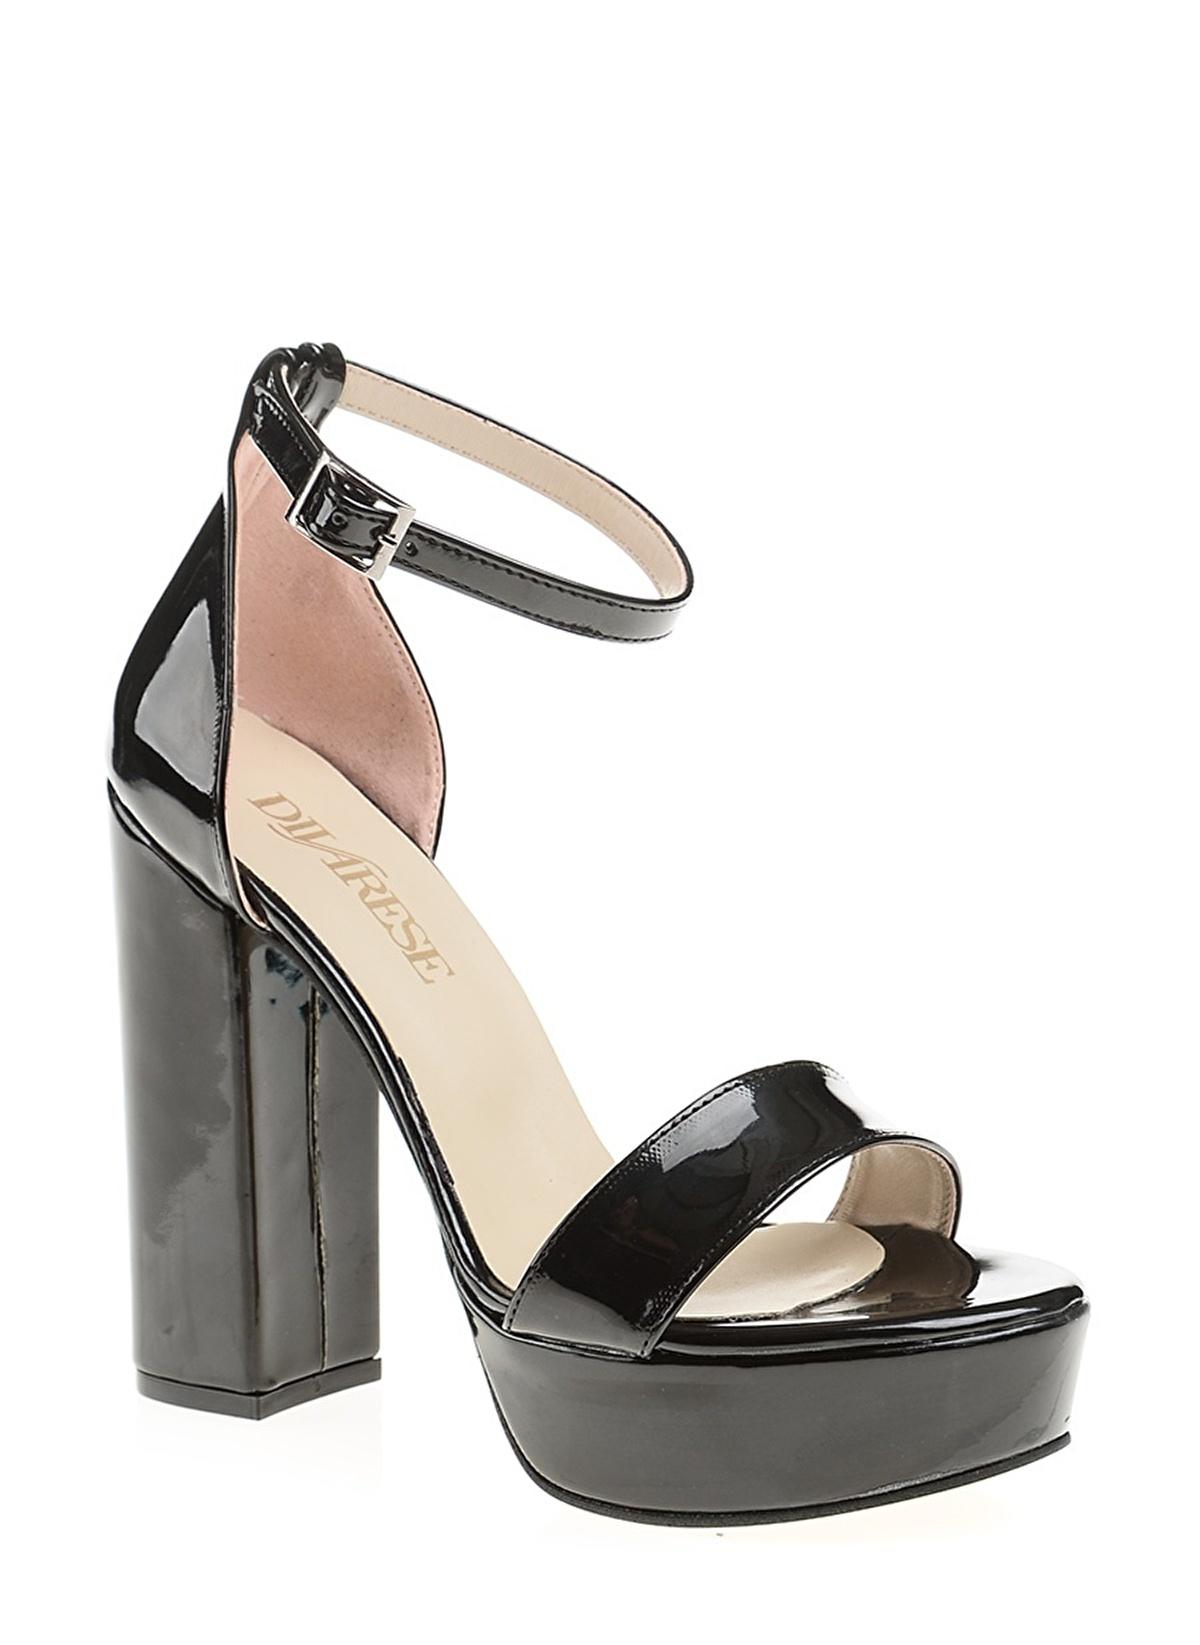 D By Divarese Platform Topuklu Ayakkabı 59.9 Tl